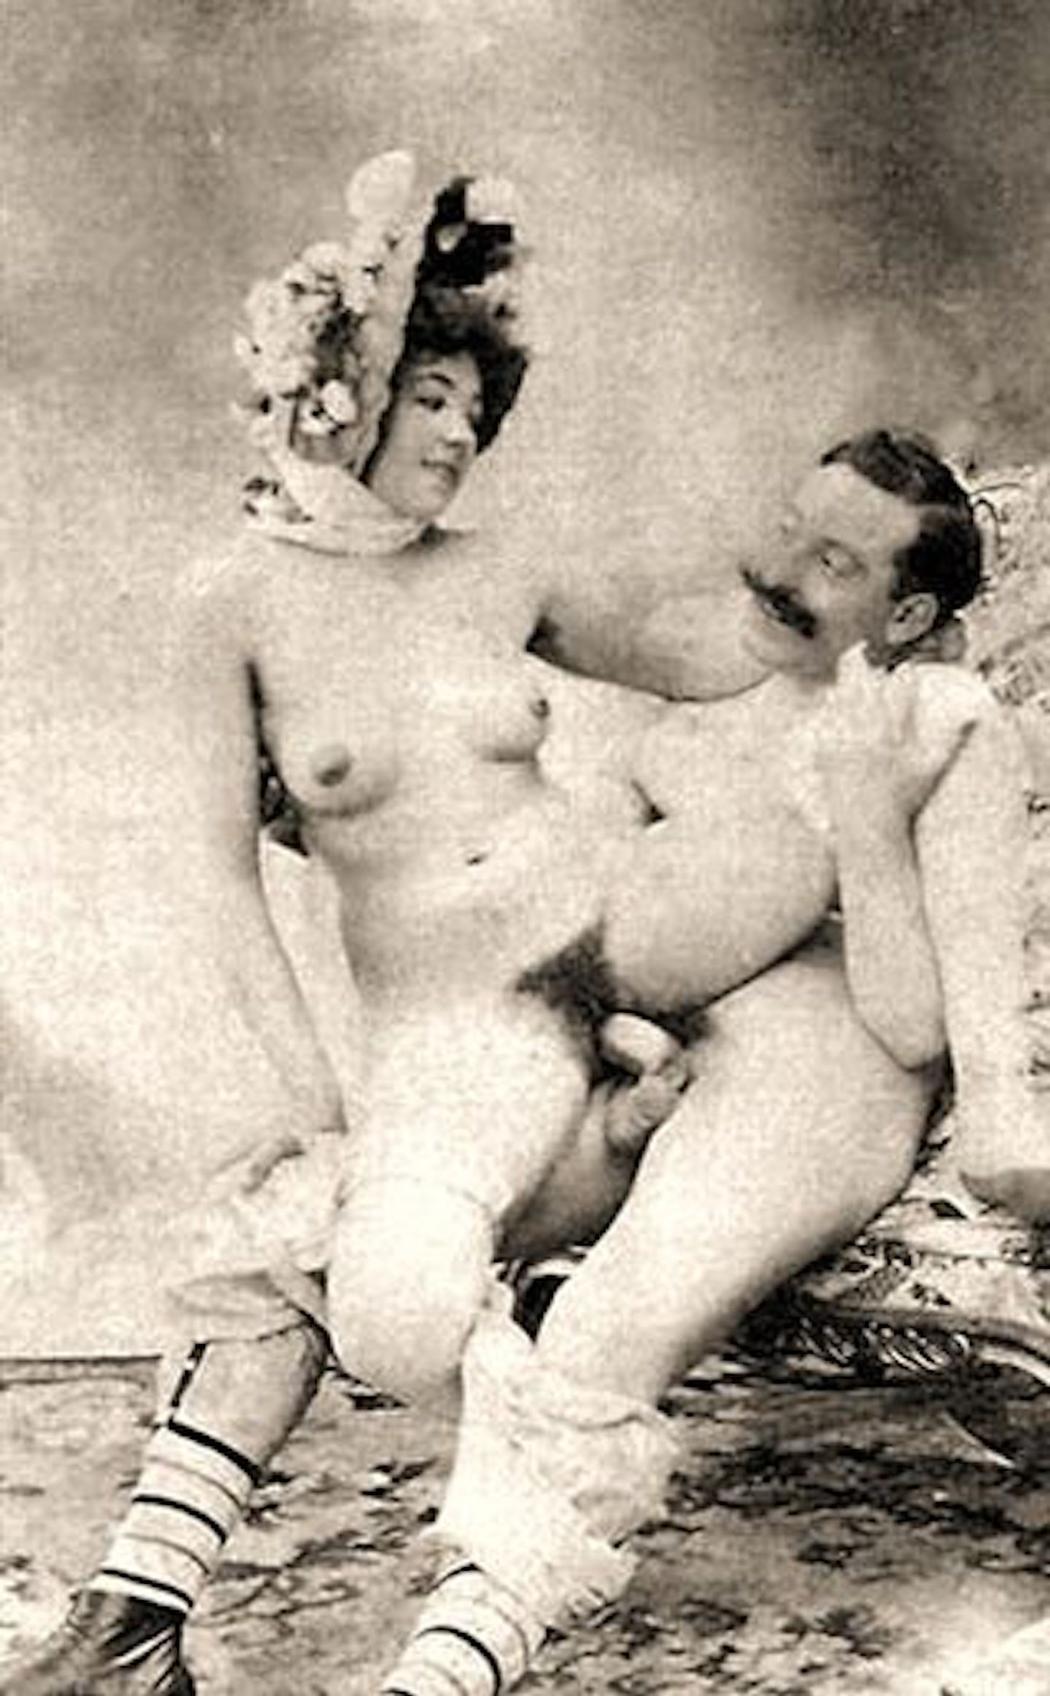 смотреть порно фильмы 19 век